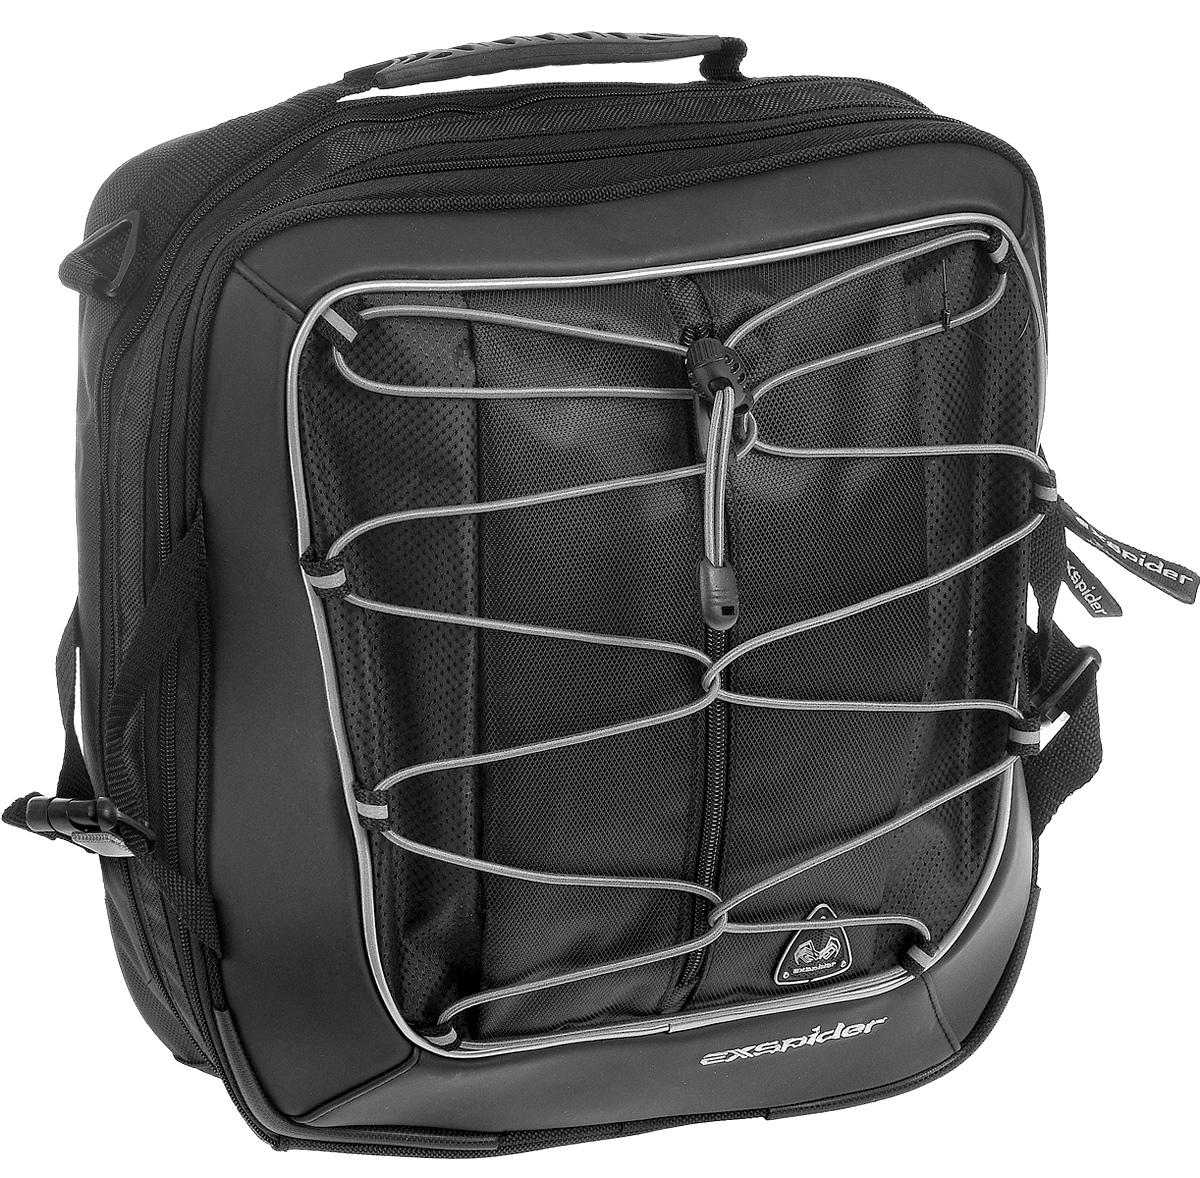 Сумка на багажник велосипеда EXspider, 33 х 38 х 8-13 смTB6202Универсальная сумка EXspider, выполненная из высококачественных материалов, крепится на багажник велосипеда, можно носить в руке или на плече. Она оснащена большим отделением с внутренним карманом и закрывается на застежку молнию. Эластичный шнур на внешней стенке позволяет закрепить другую небольшую сумку, палатку, спальный мешок, шлем и многое другое. Такая сумка может вместить одежду, книги и другие необходимые вещи. Изделие снабжено эргономичной ручкой и плечевым регулируемом ремнем. Светоотражающие вставки служат для лучшей заметности в темное время суток.